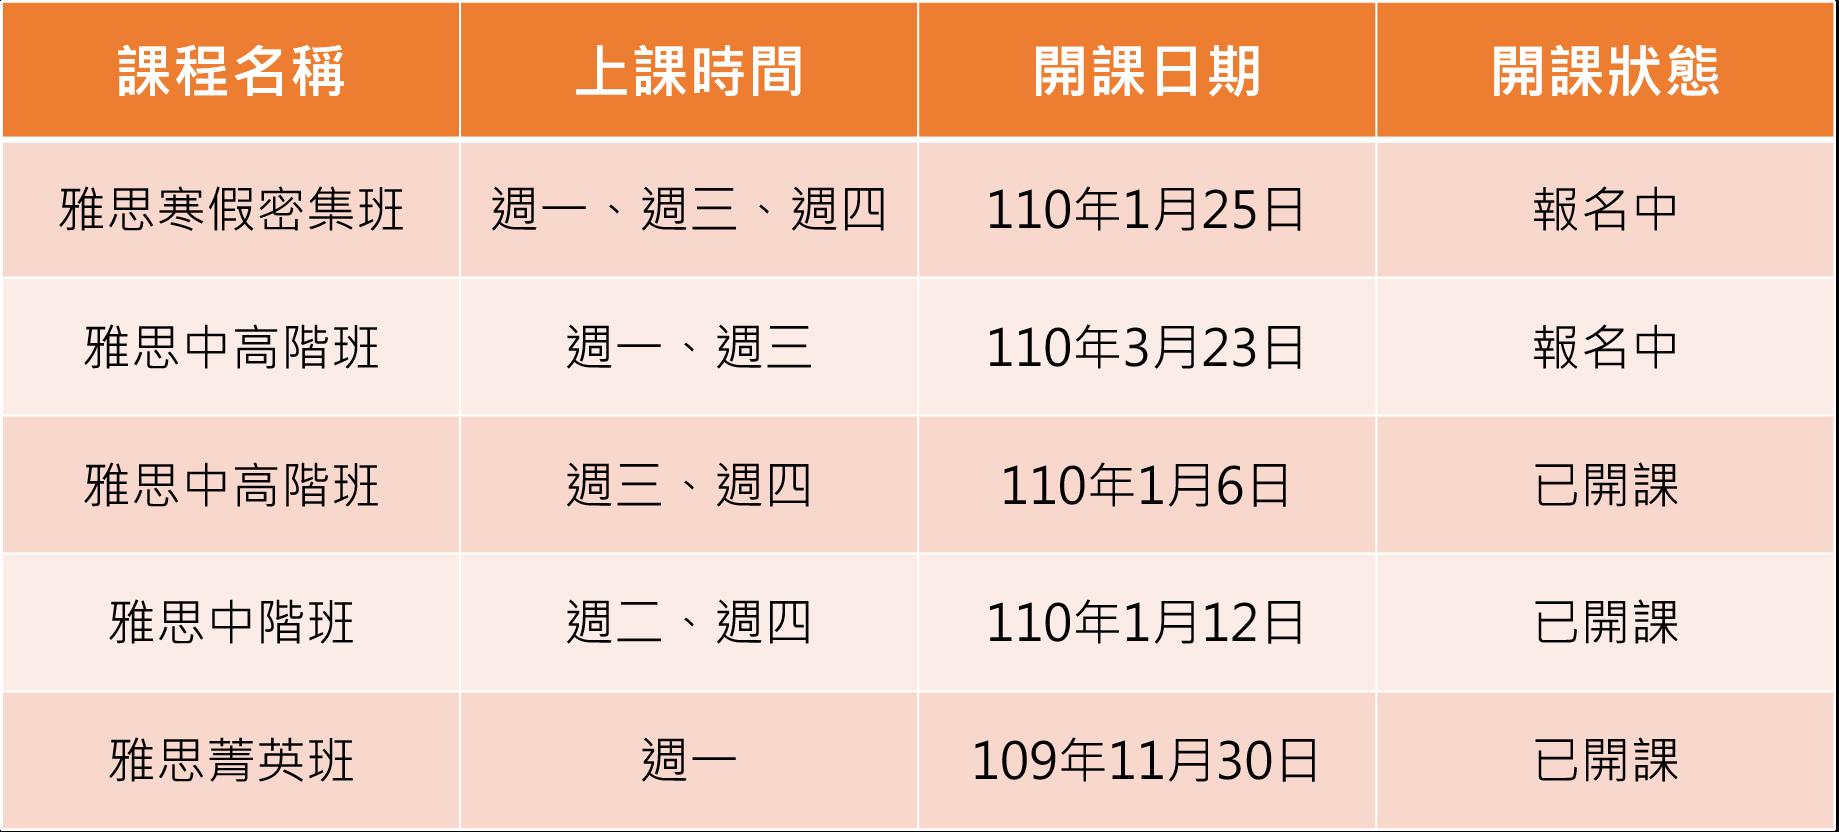 最新開班日期: 雅思寒假密集班(110年1月25開課)